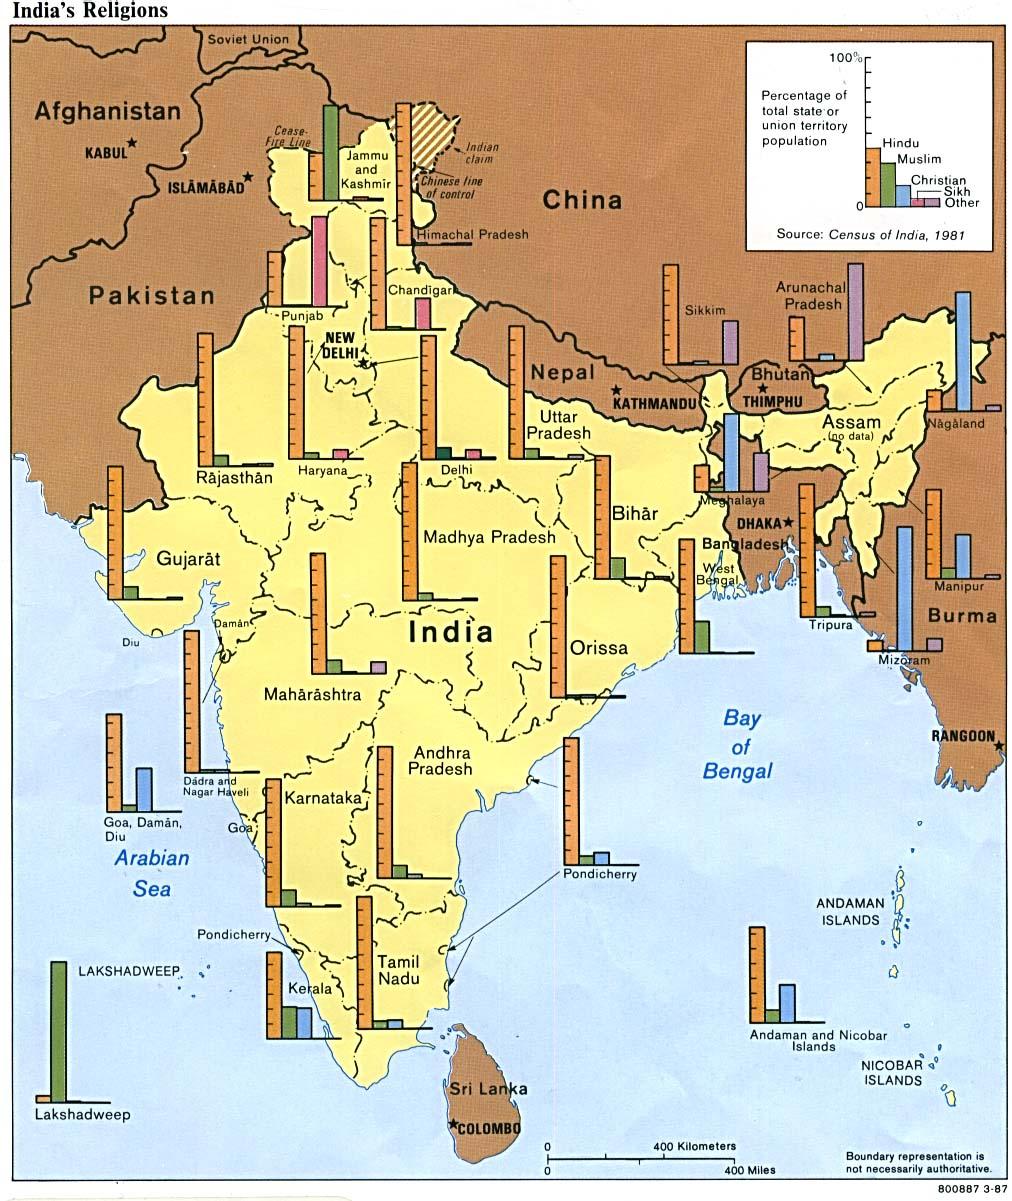 Inde - religions